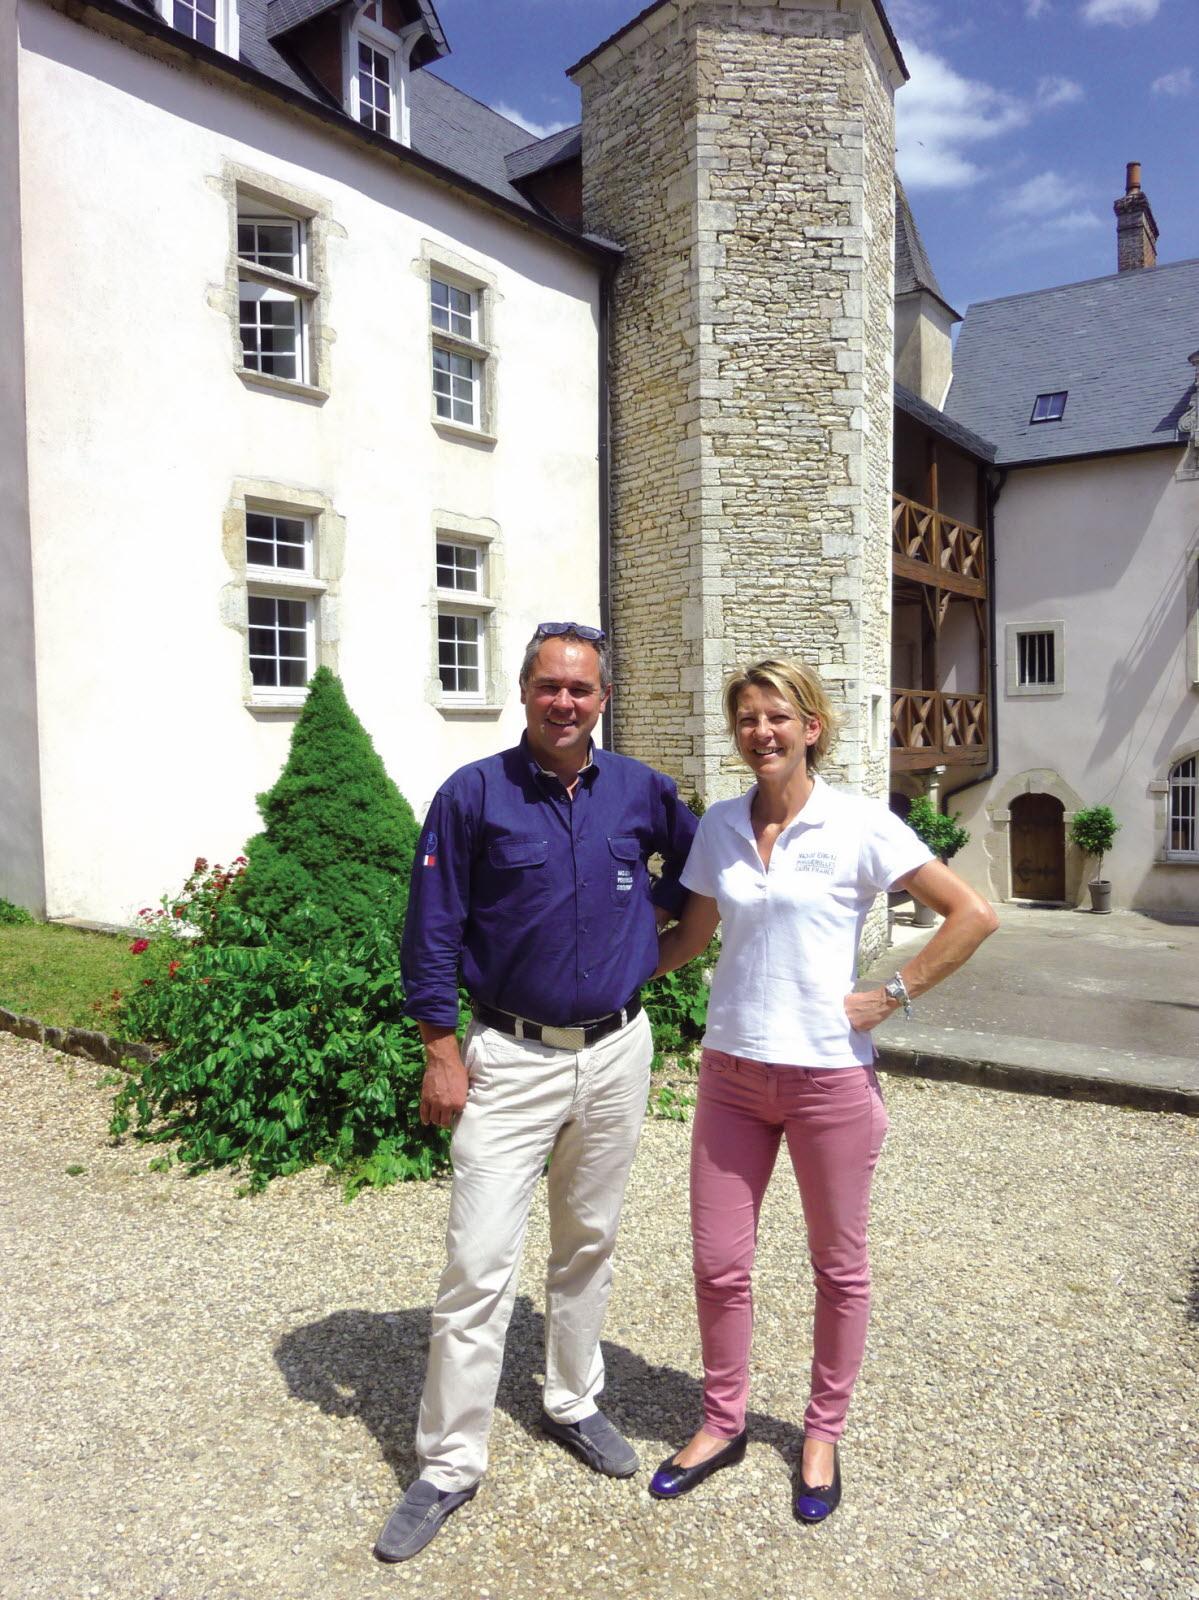 arnaud-et-helene-derats-sont-proprietaires-du-chateau-de-melin-depuis-decembre-1999-1436518924